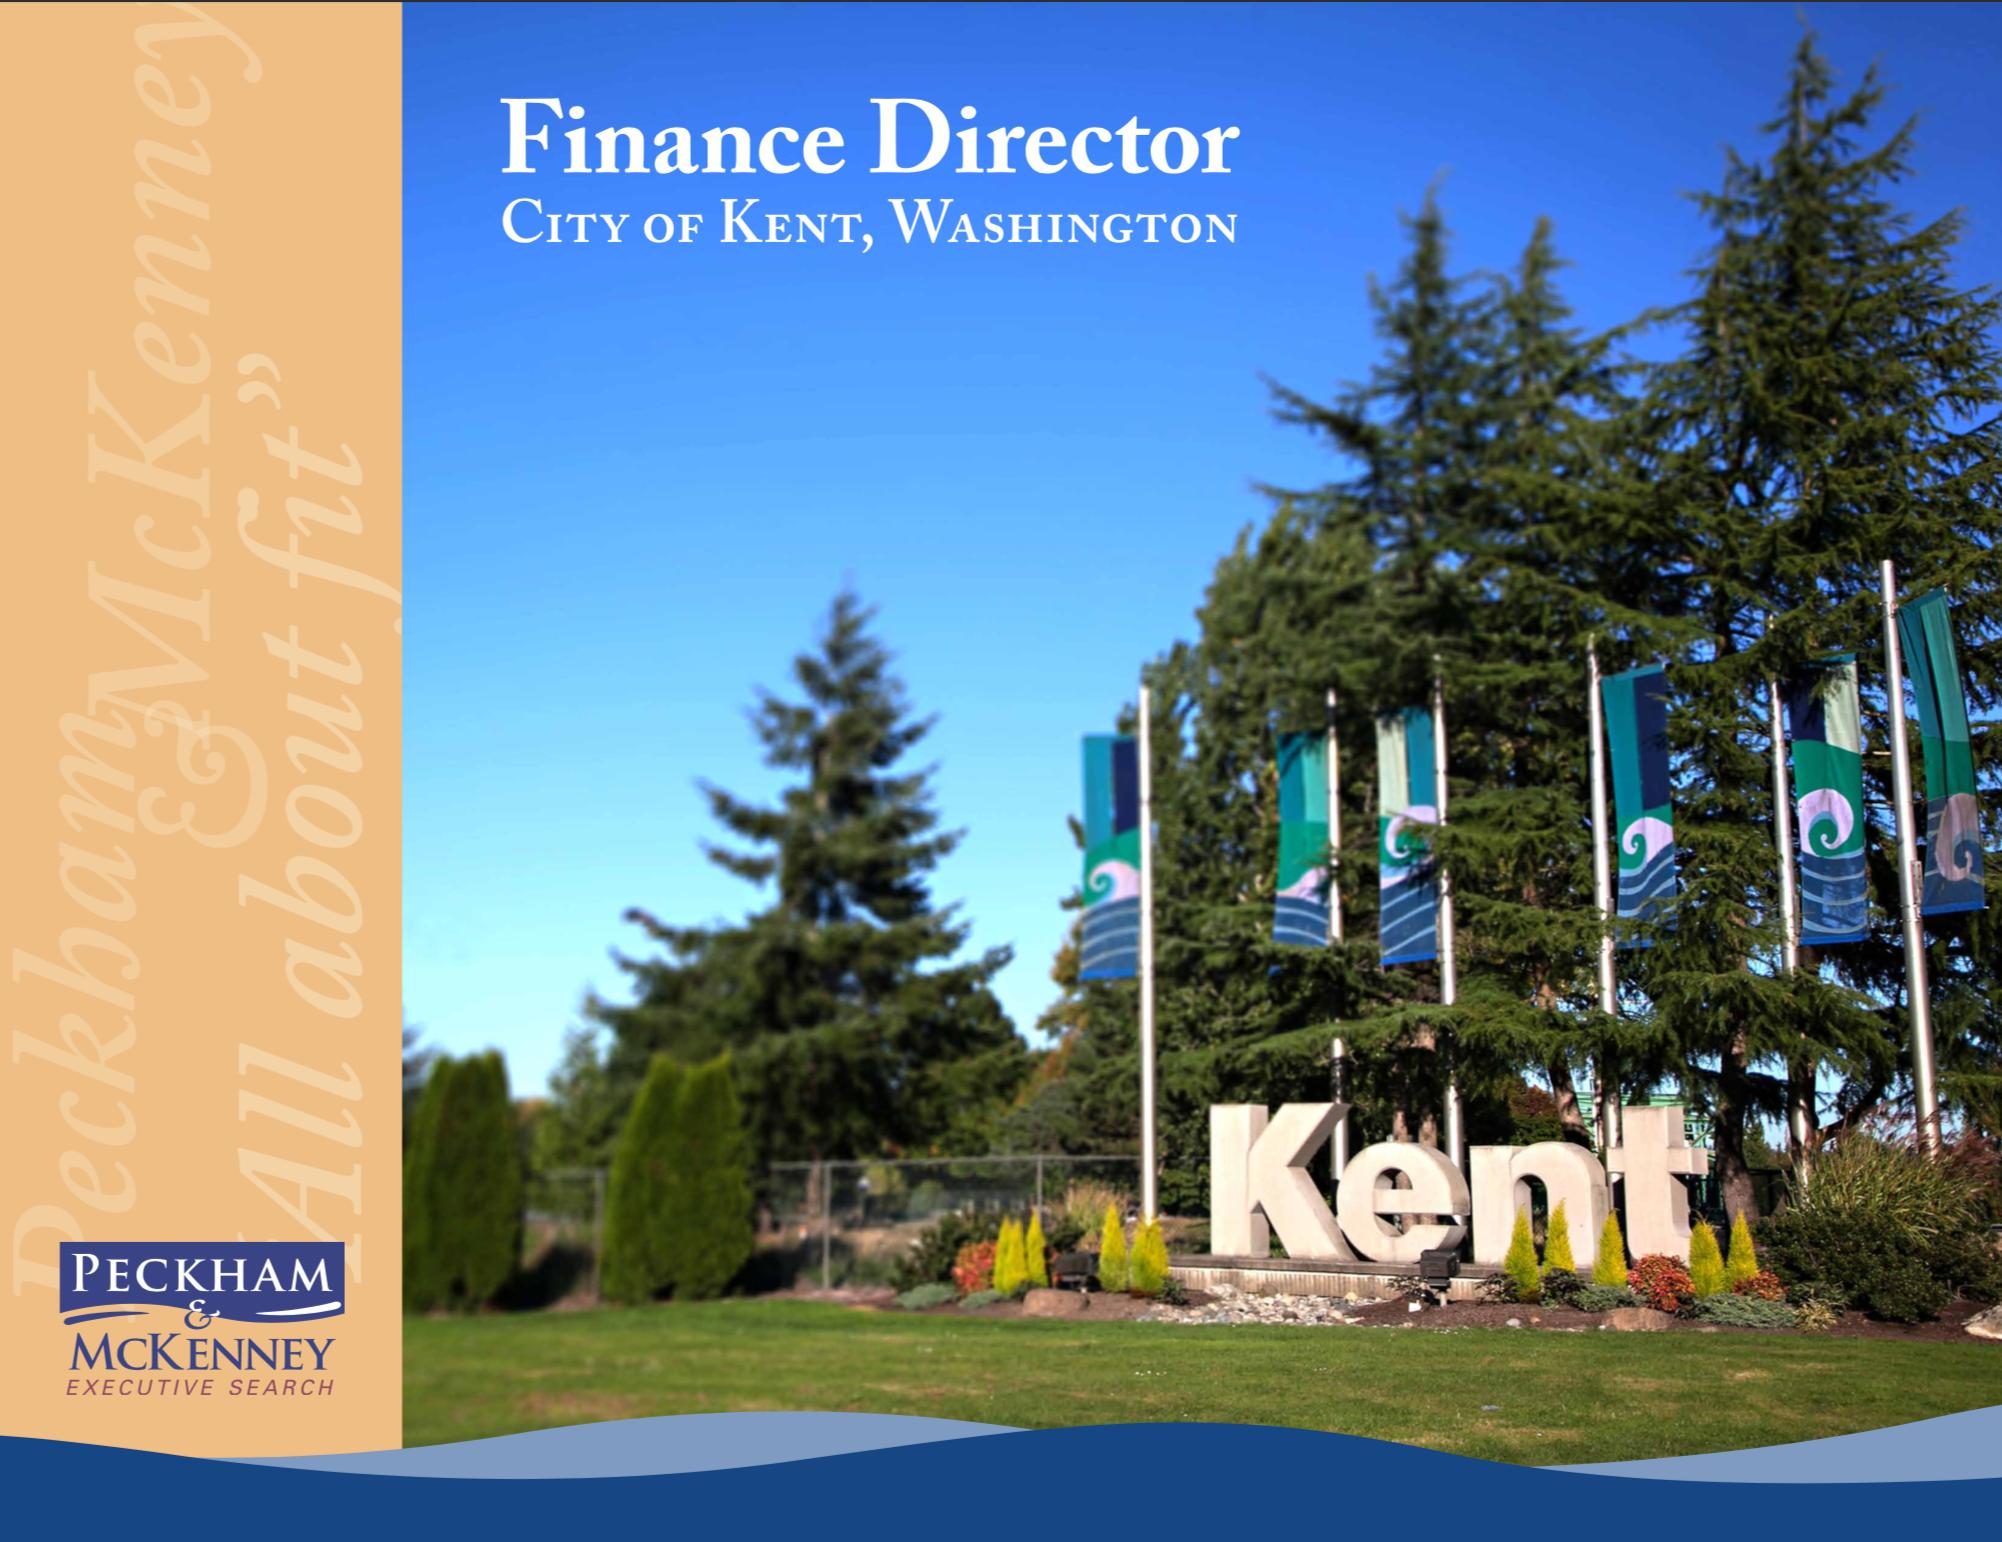 Finance Director_KentWA